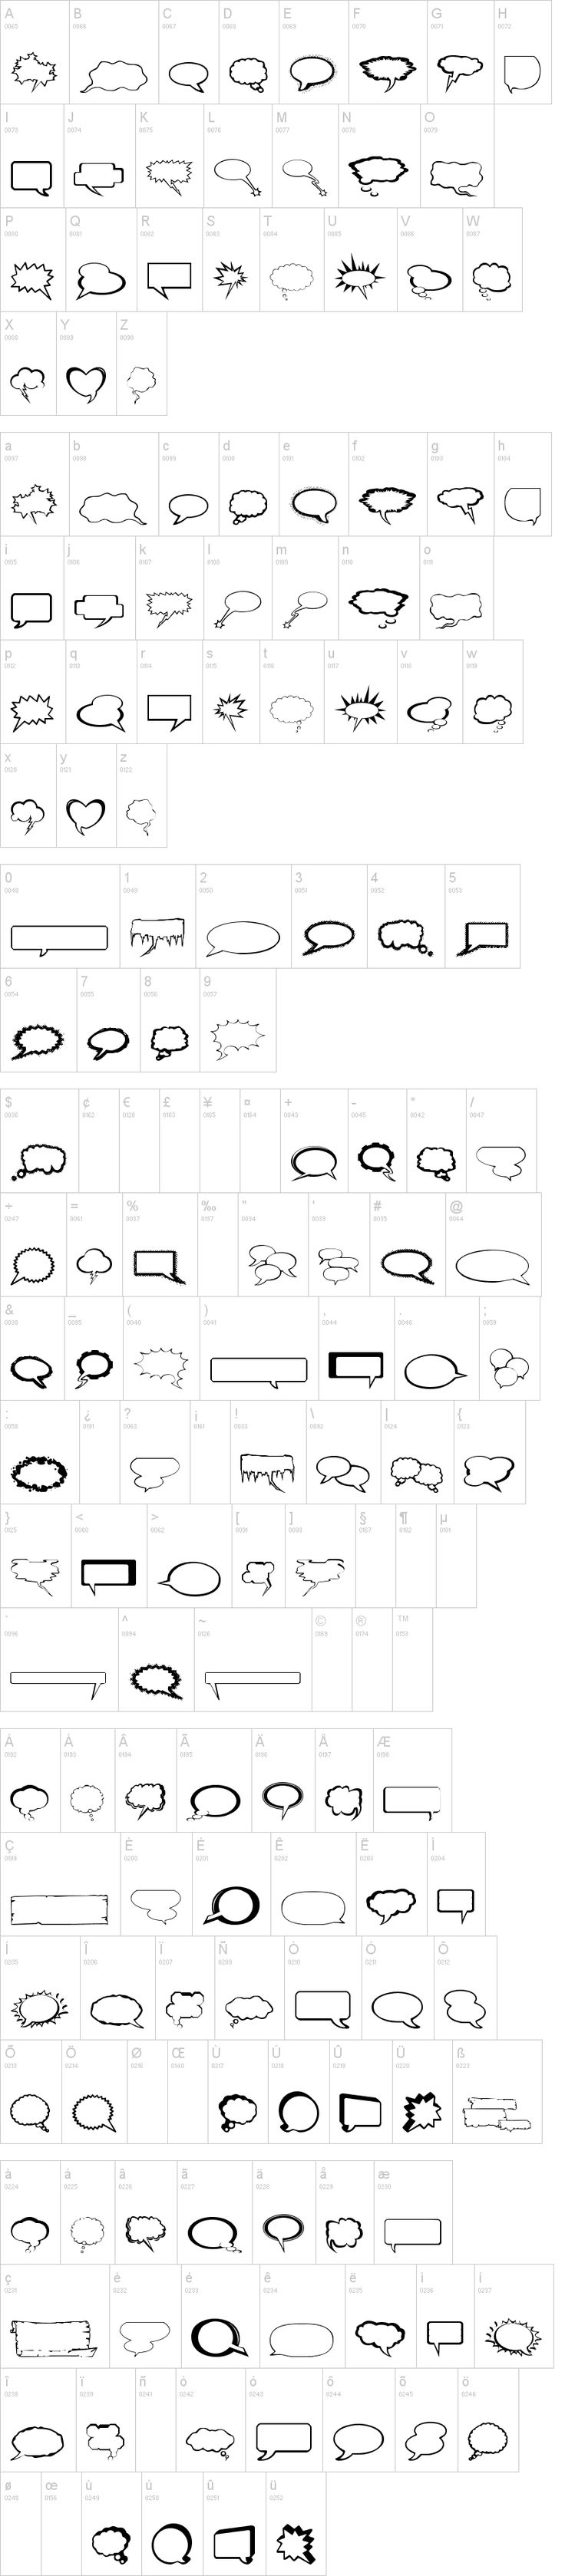 FREE Talkies font: comic book speech bubbles  {dafont.com}